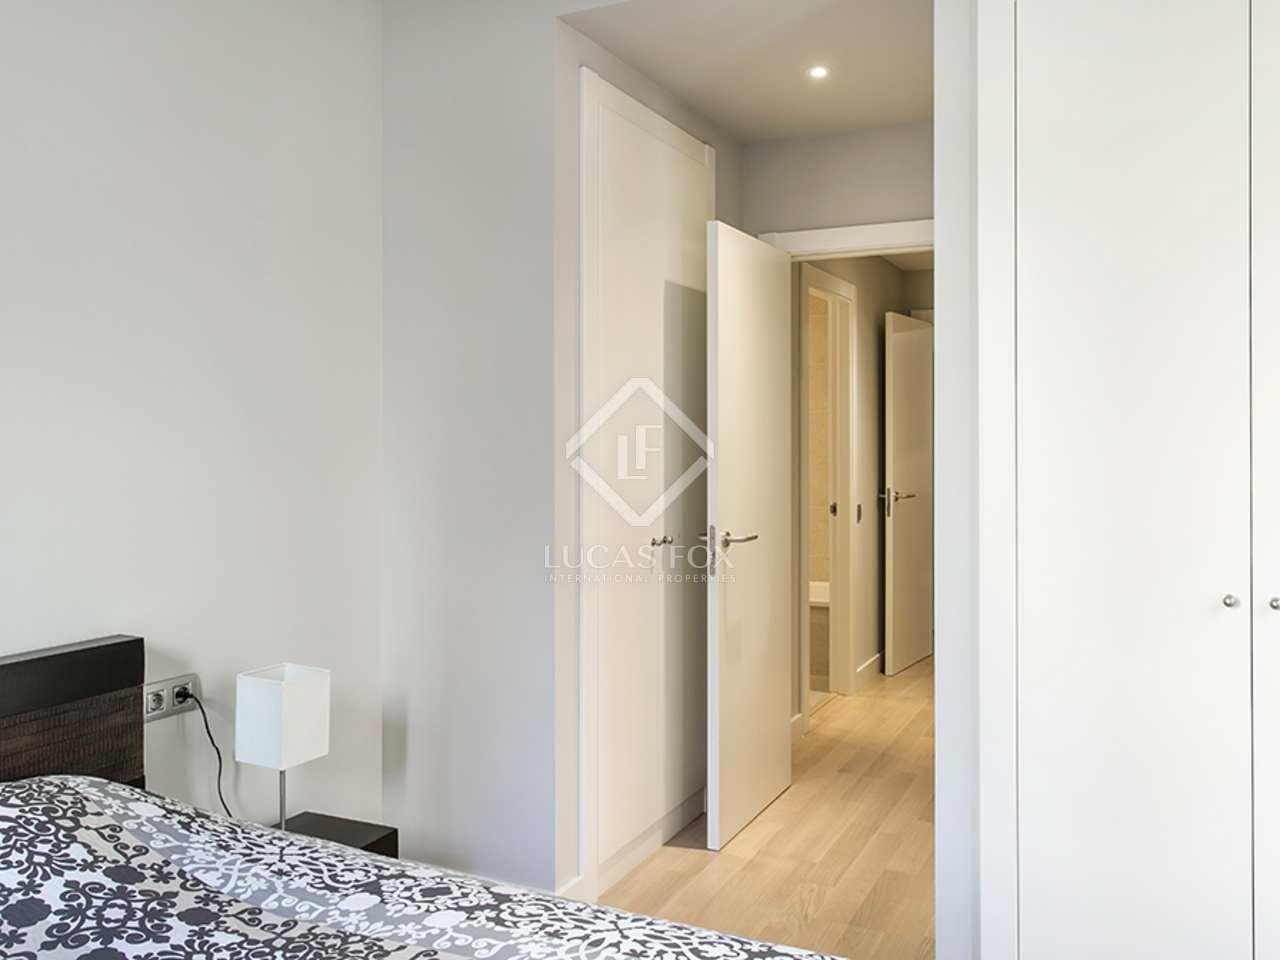 Apartamento de 2 dormitorios en alquiler en ciutat vella for Alquiler de dormitorios